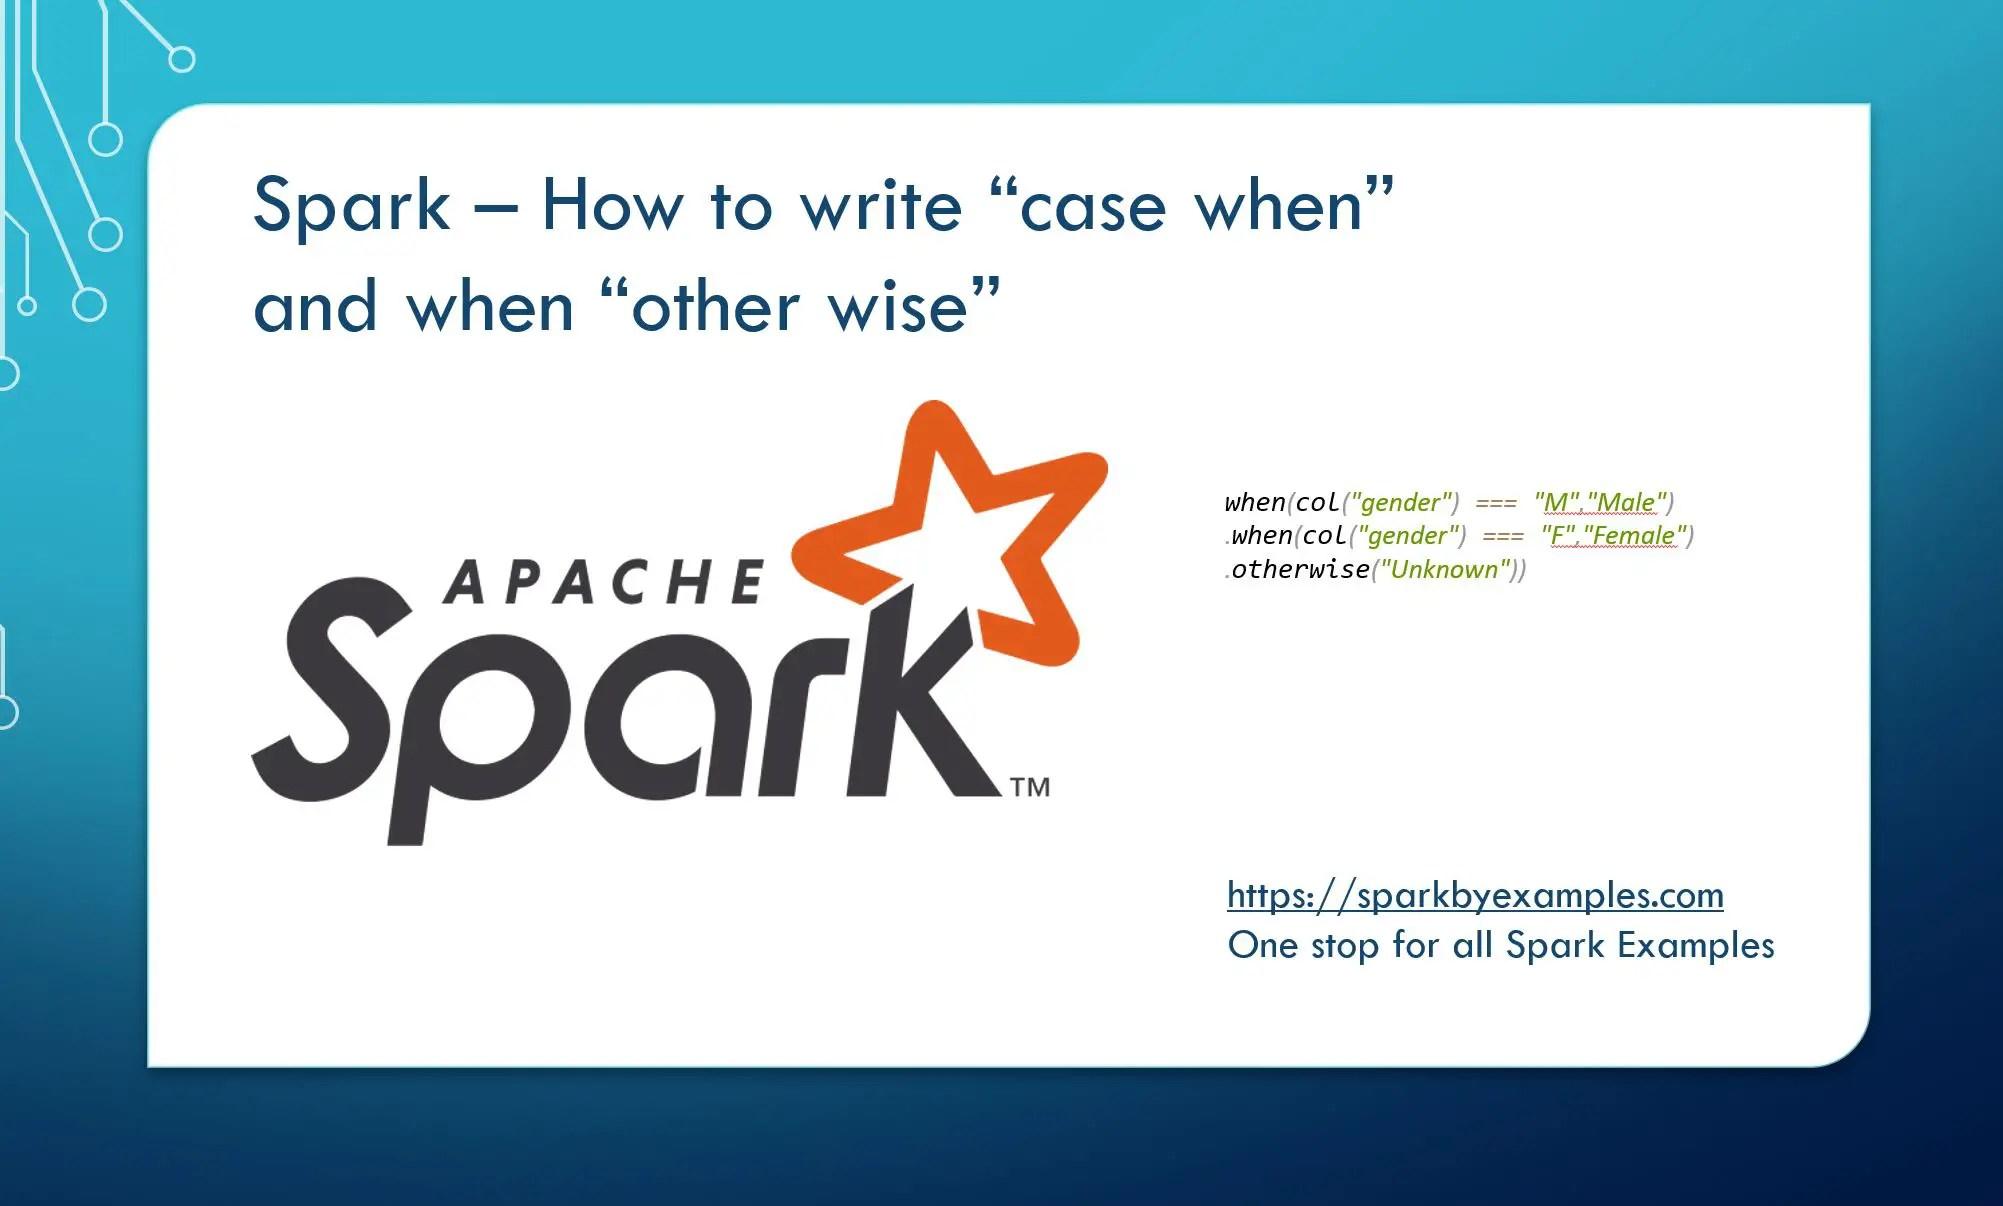 Spark SQL